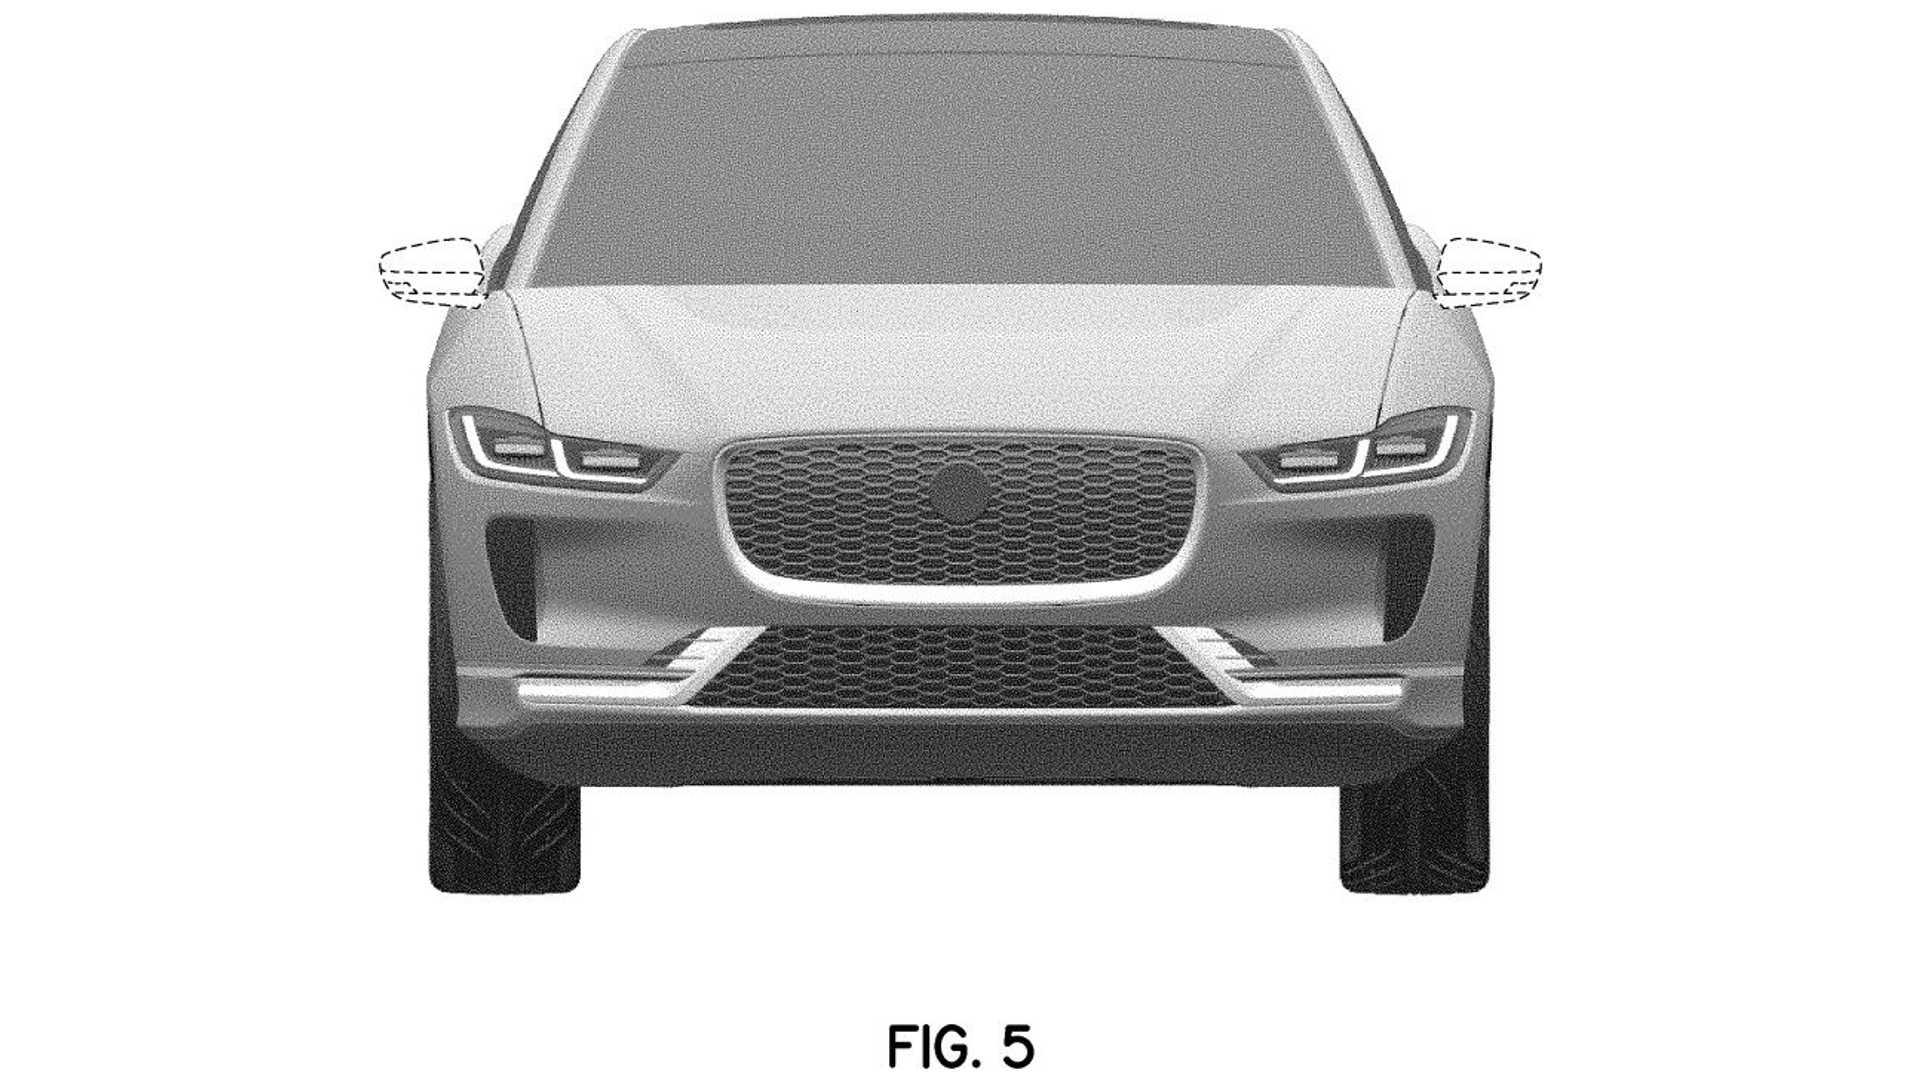 Jaguar-I-Pace-facelift-5